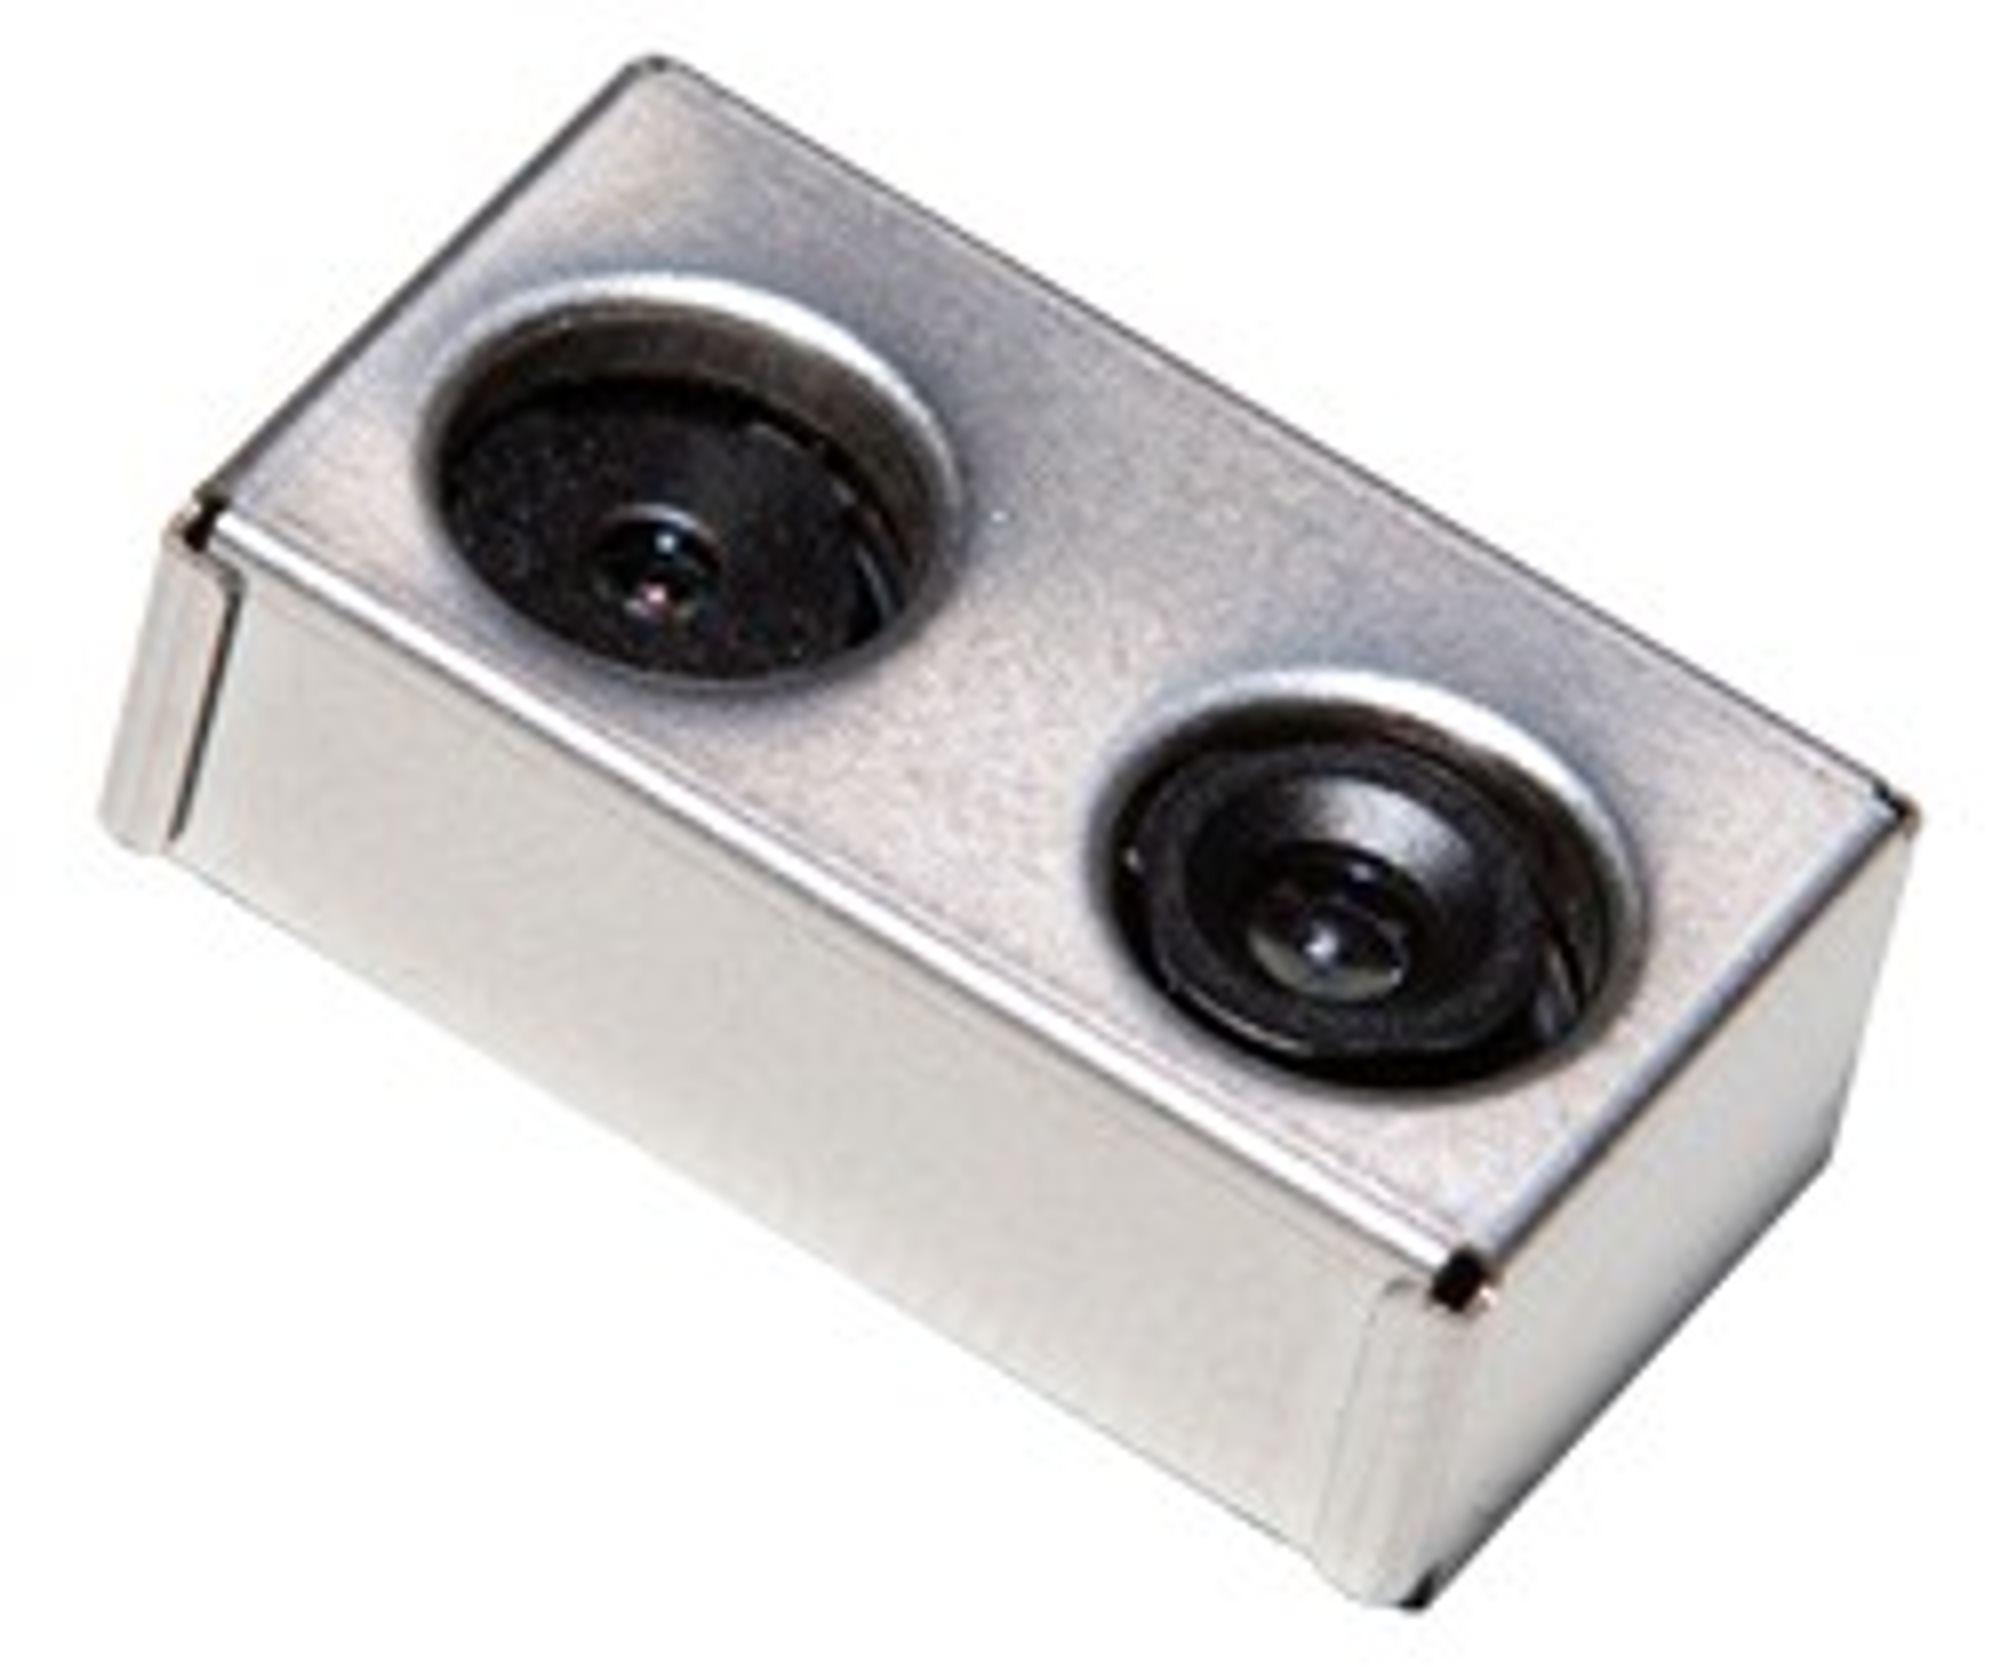 Den doble kameramodulen til israelske Corephonics skal kunne gi mobilbrukere effekten av en trinnløs, 3x zoom uten at kameraet tar mye plass på utsiden av mobildekselet.